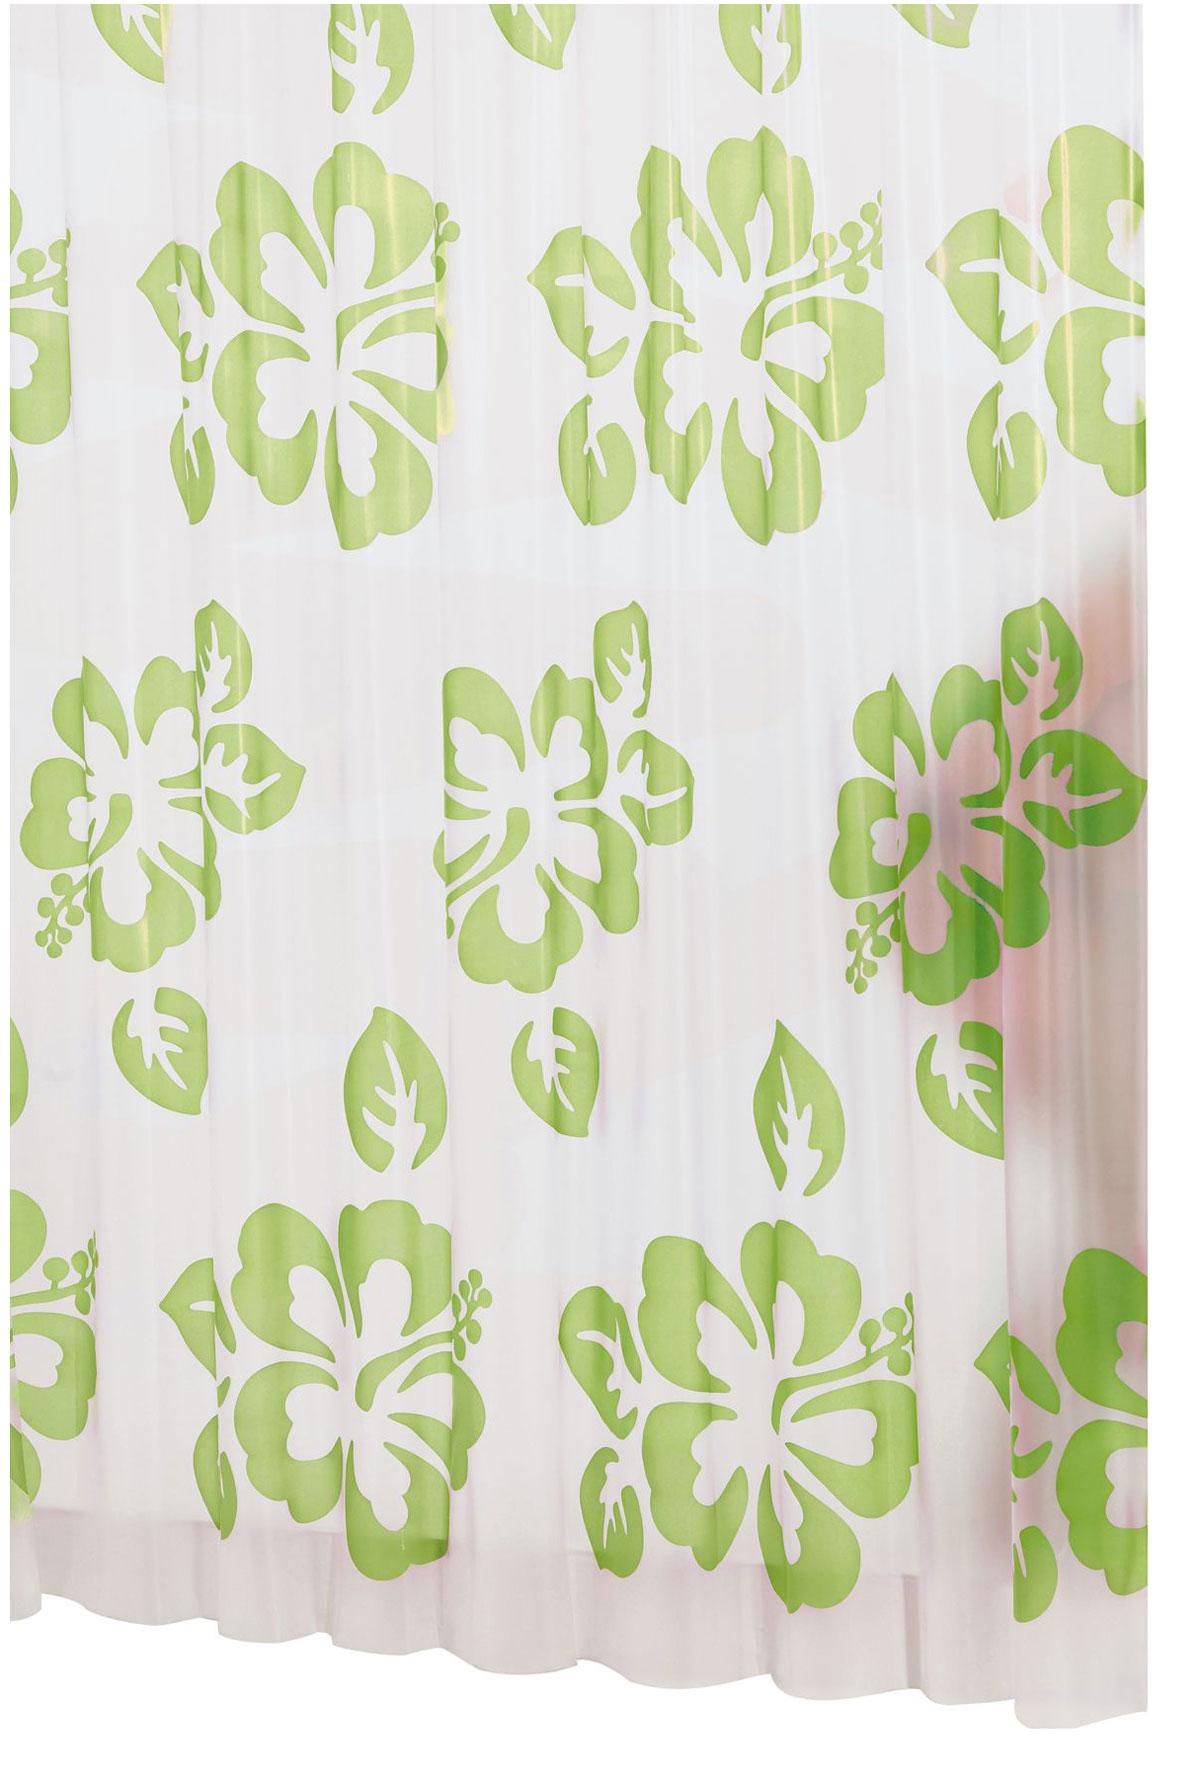 Штора для ванной комнаты Ridder Flowerpower, цвет: зеленый, 180 х 200 см32355Высококачественная немецкая штора для душа создает прекрасное настроение. Продукты из эколена не имеют запаха и считаются экологически чистыми. Ручная стирка. Не гладить.